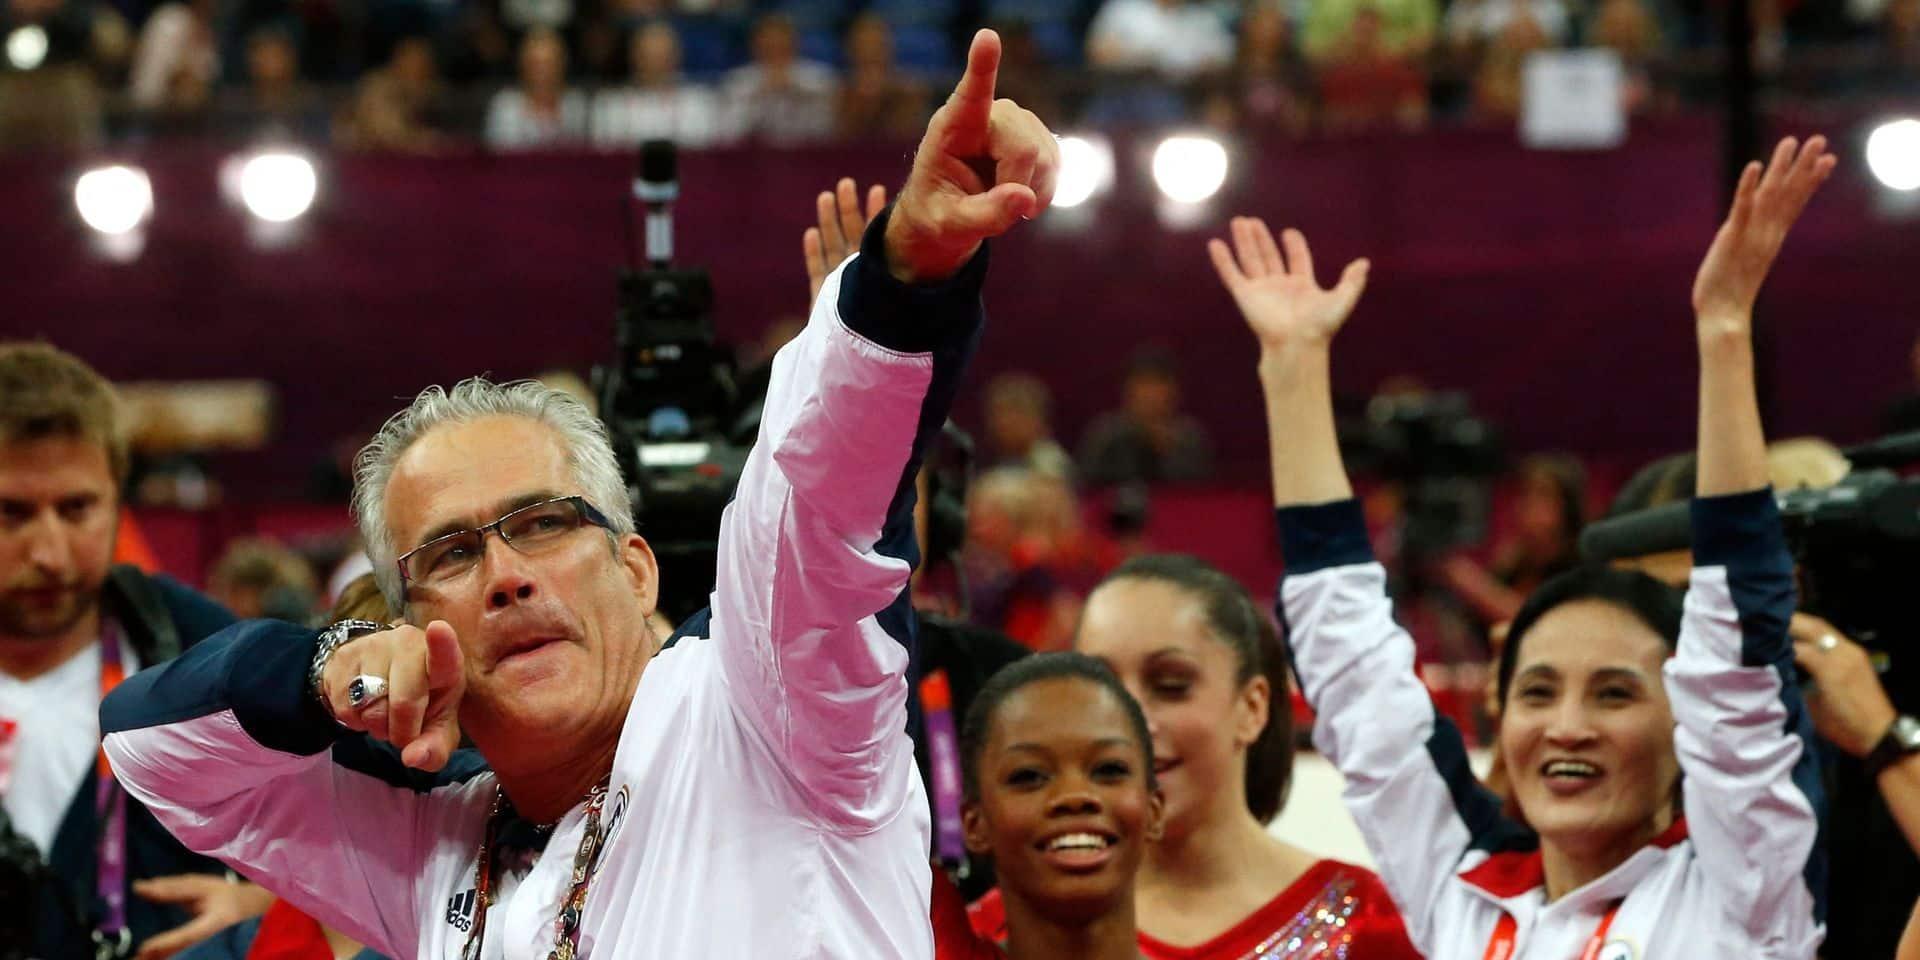 Après avoir été inculpé d'agressions sexuelles, un ancien entraîneur de gymnastique se suicide